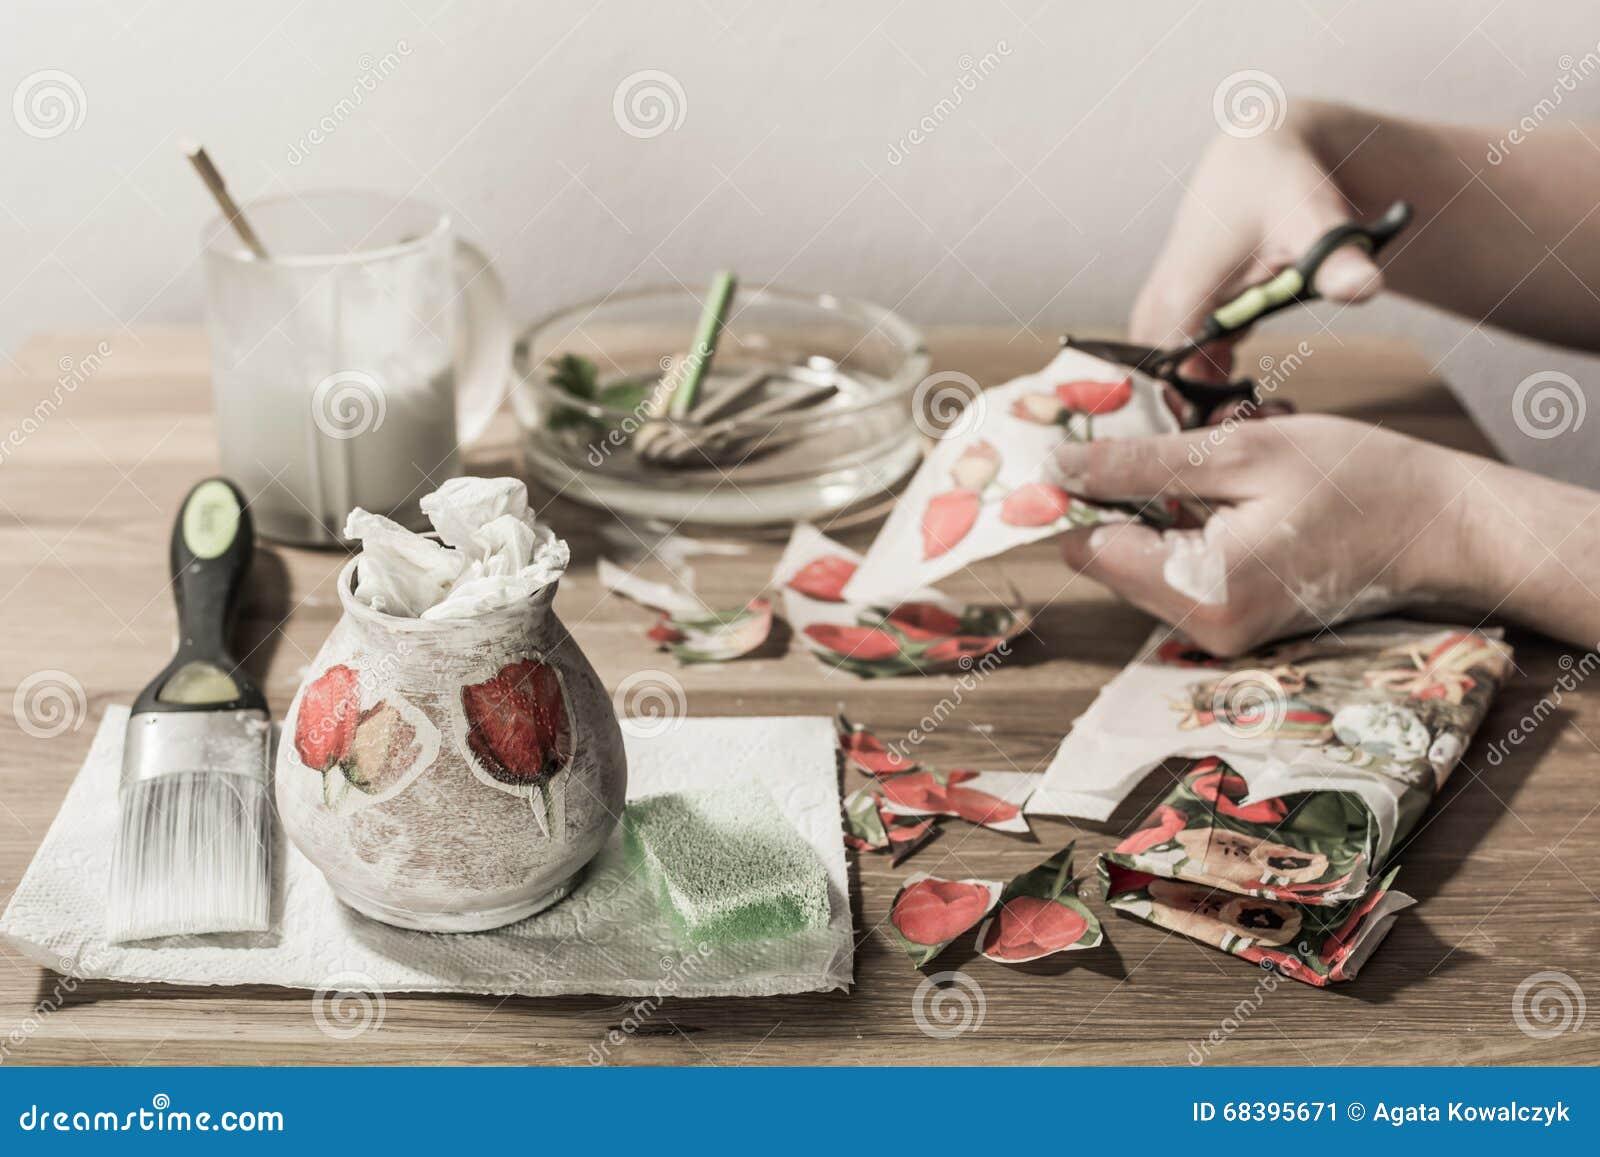 Decoupage hobbyist decorating vase stock image image of glue decoupage hobbyist decorating vase reviewsmspy